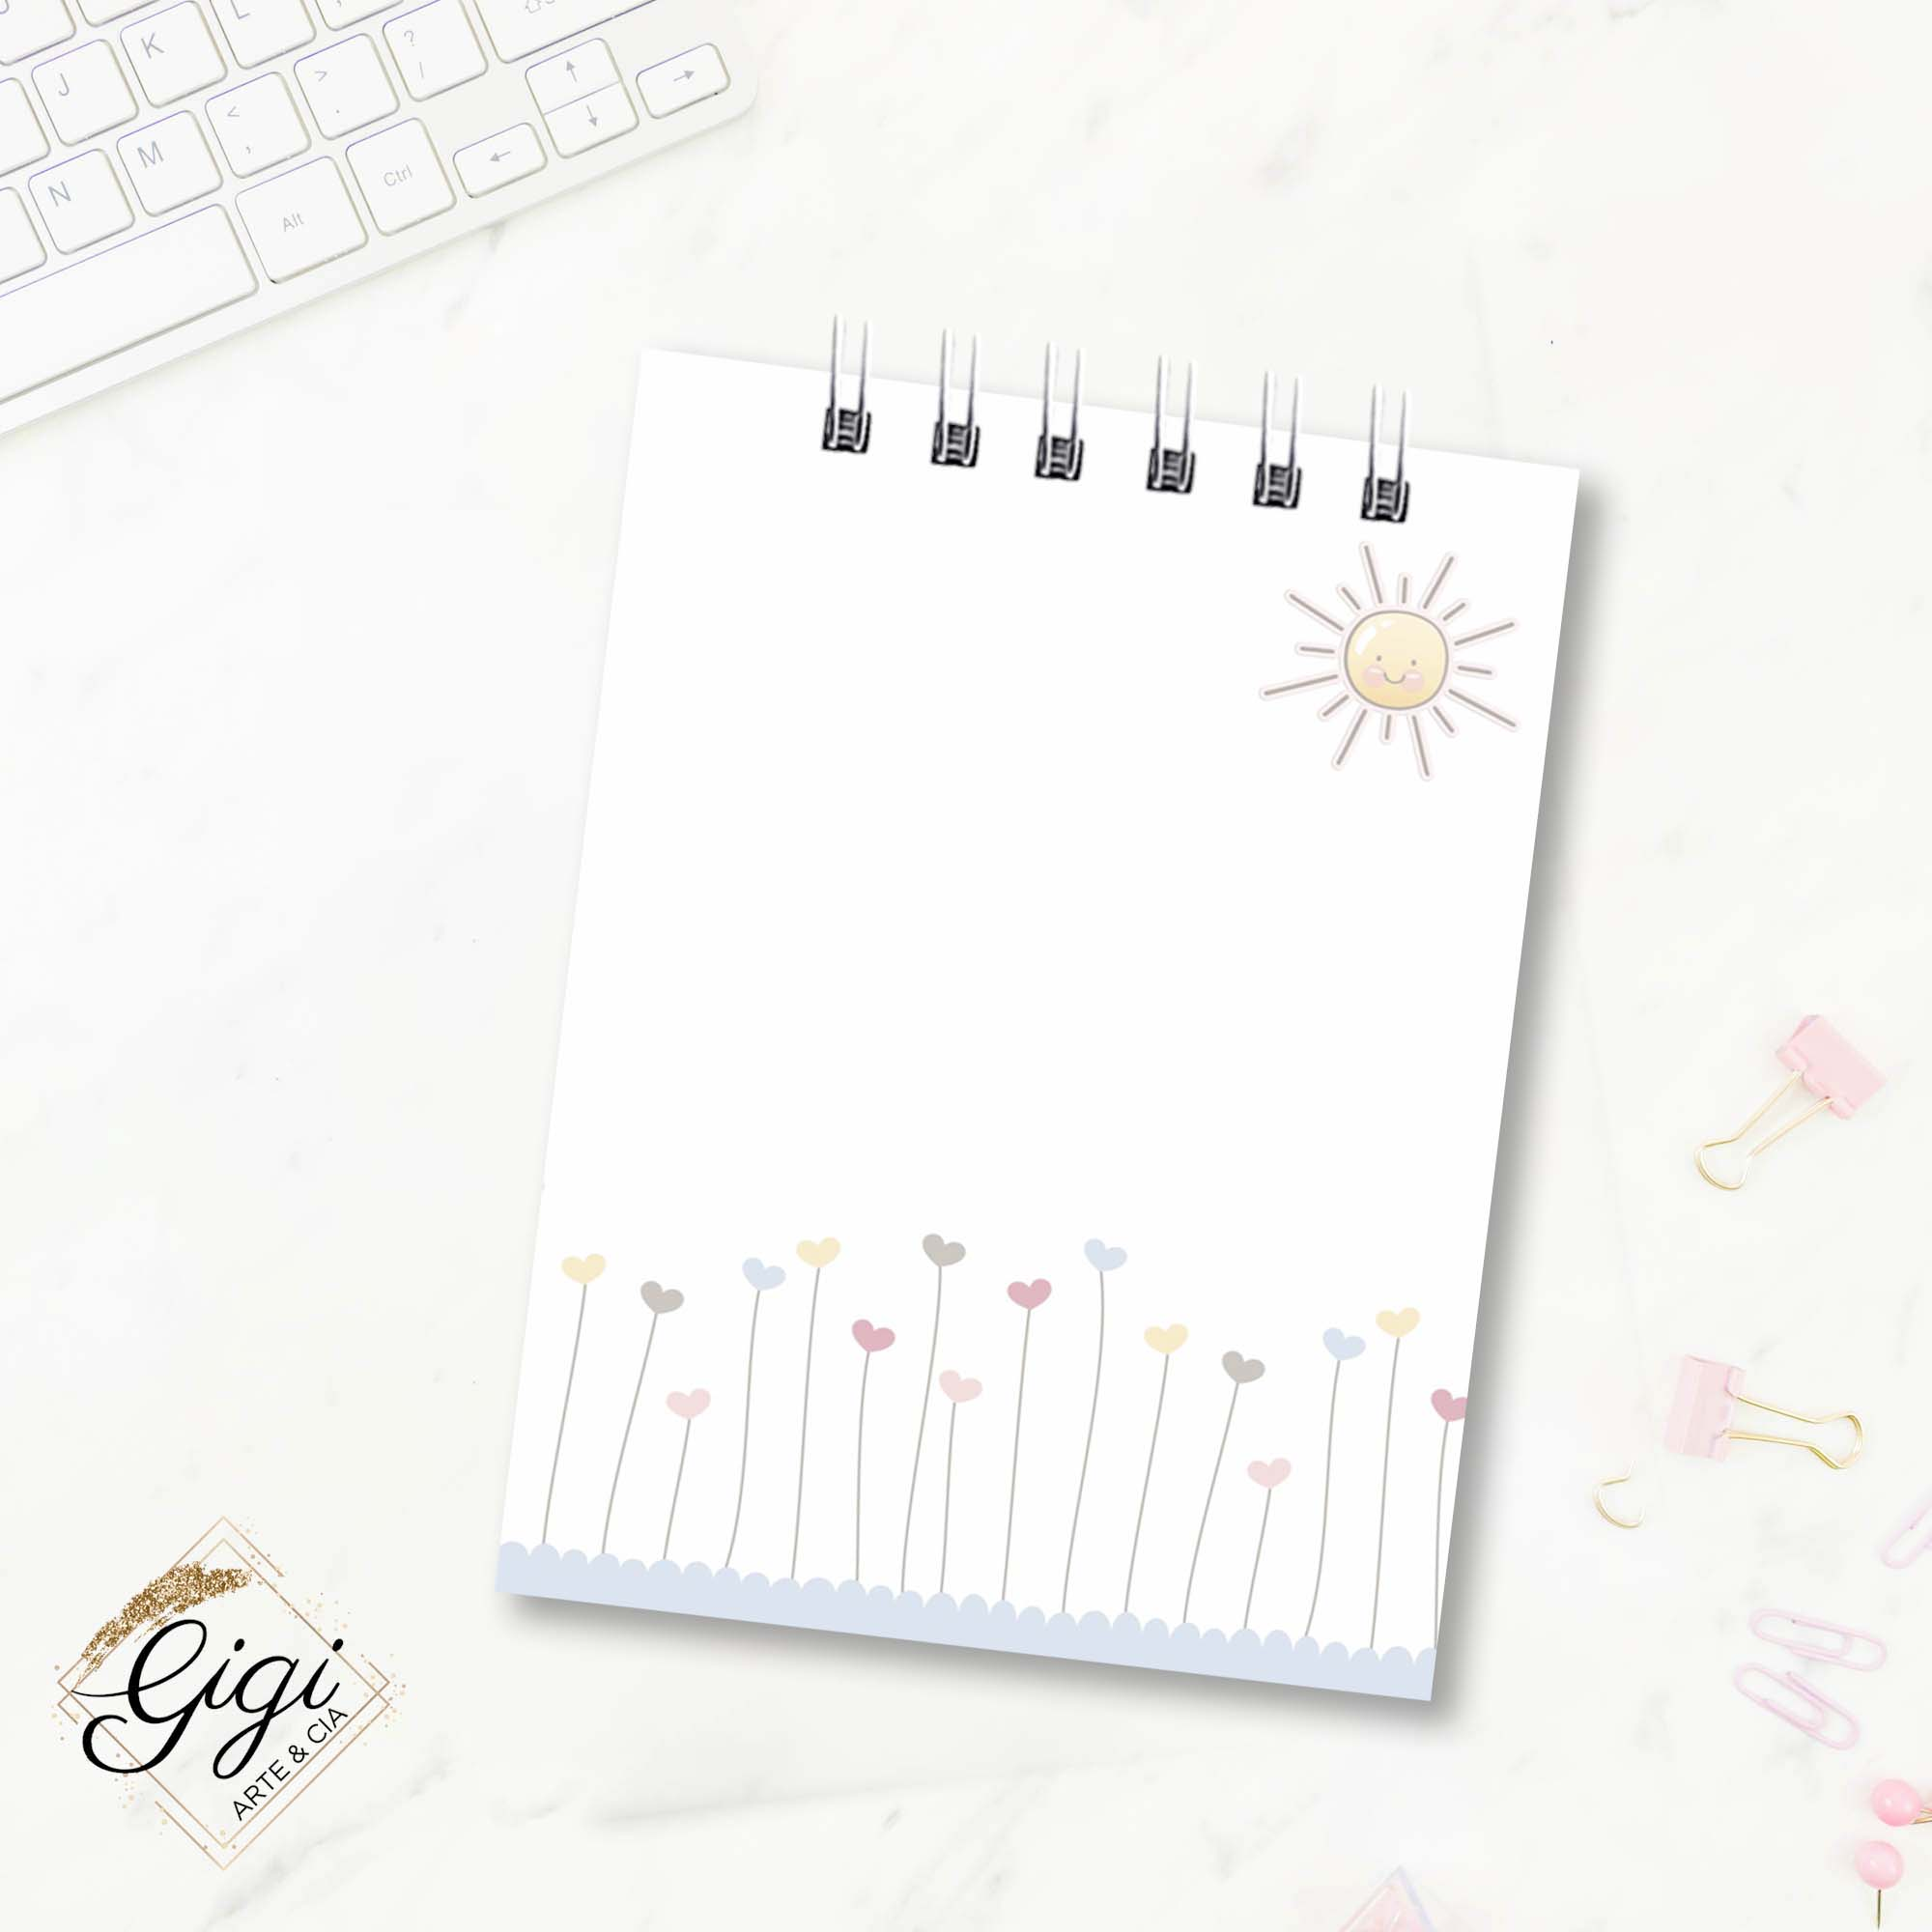 Bloco de Anotações - Candy Girls  - Gigi Arte e Cia